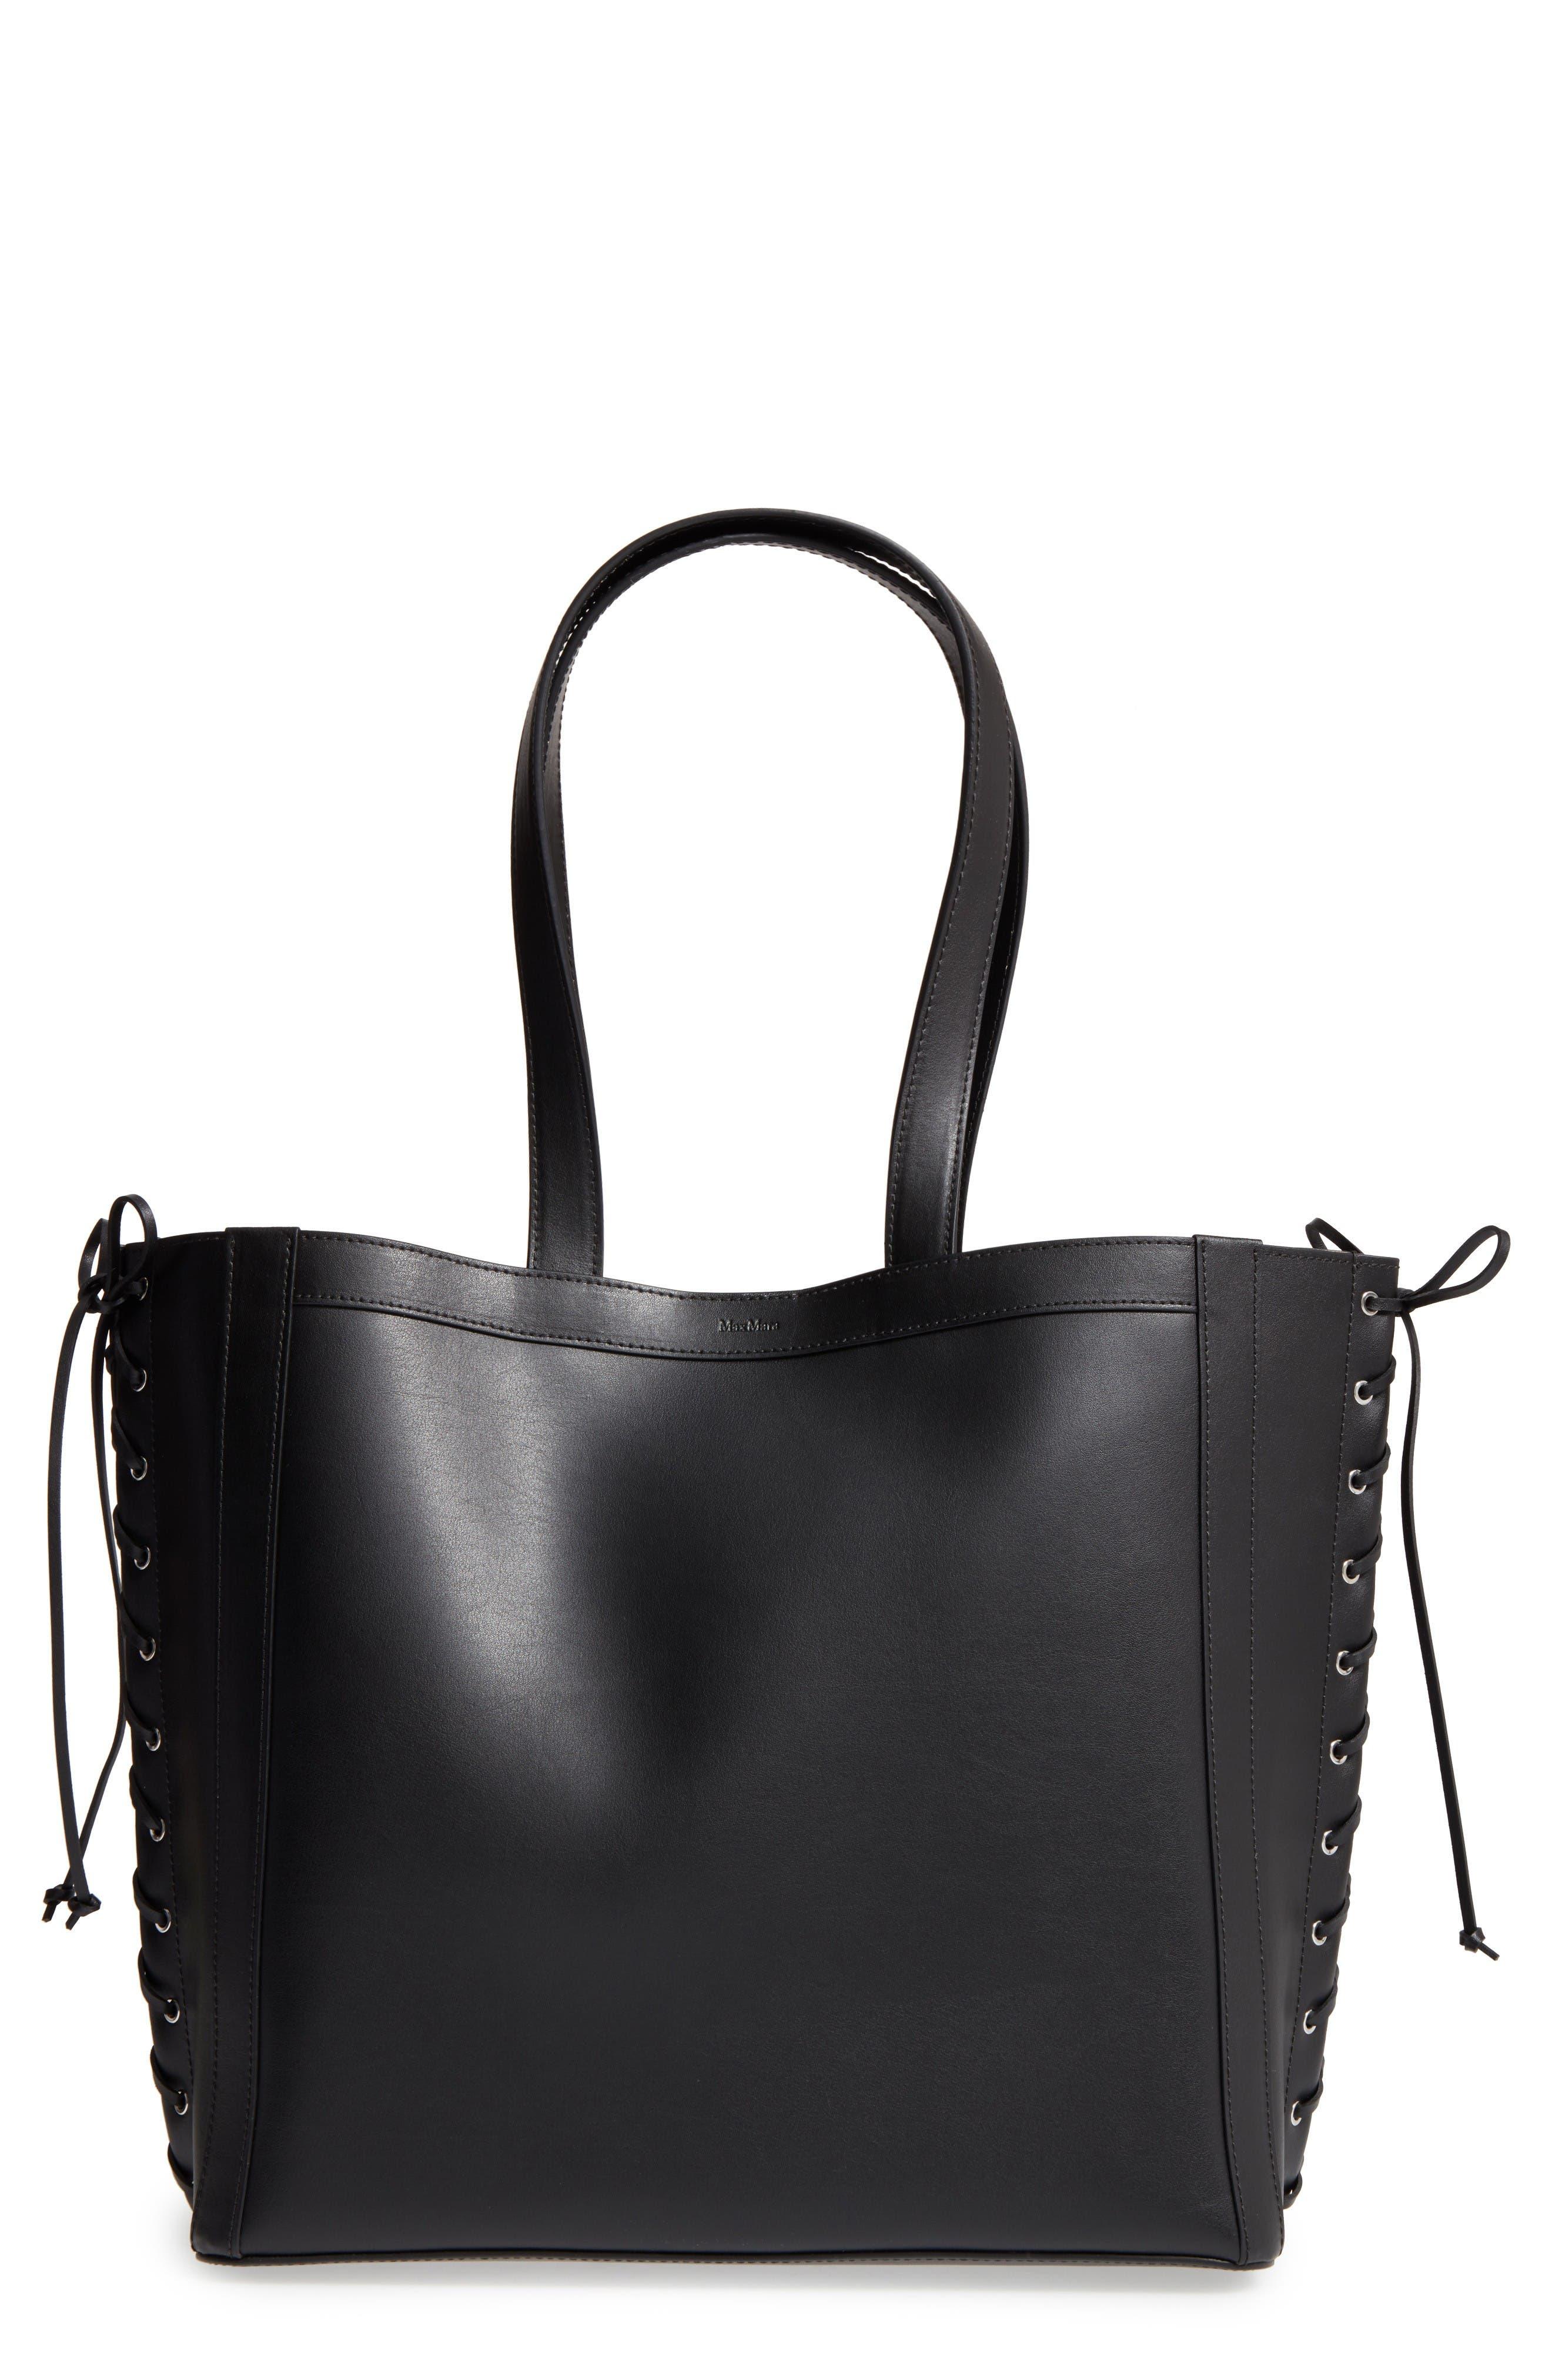 MAX MARA Large Leather Shopper